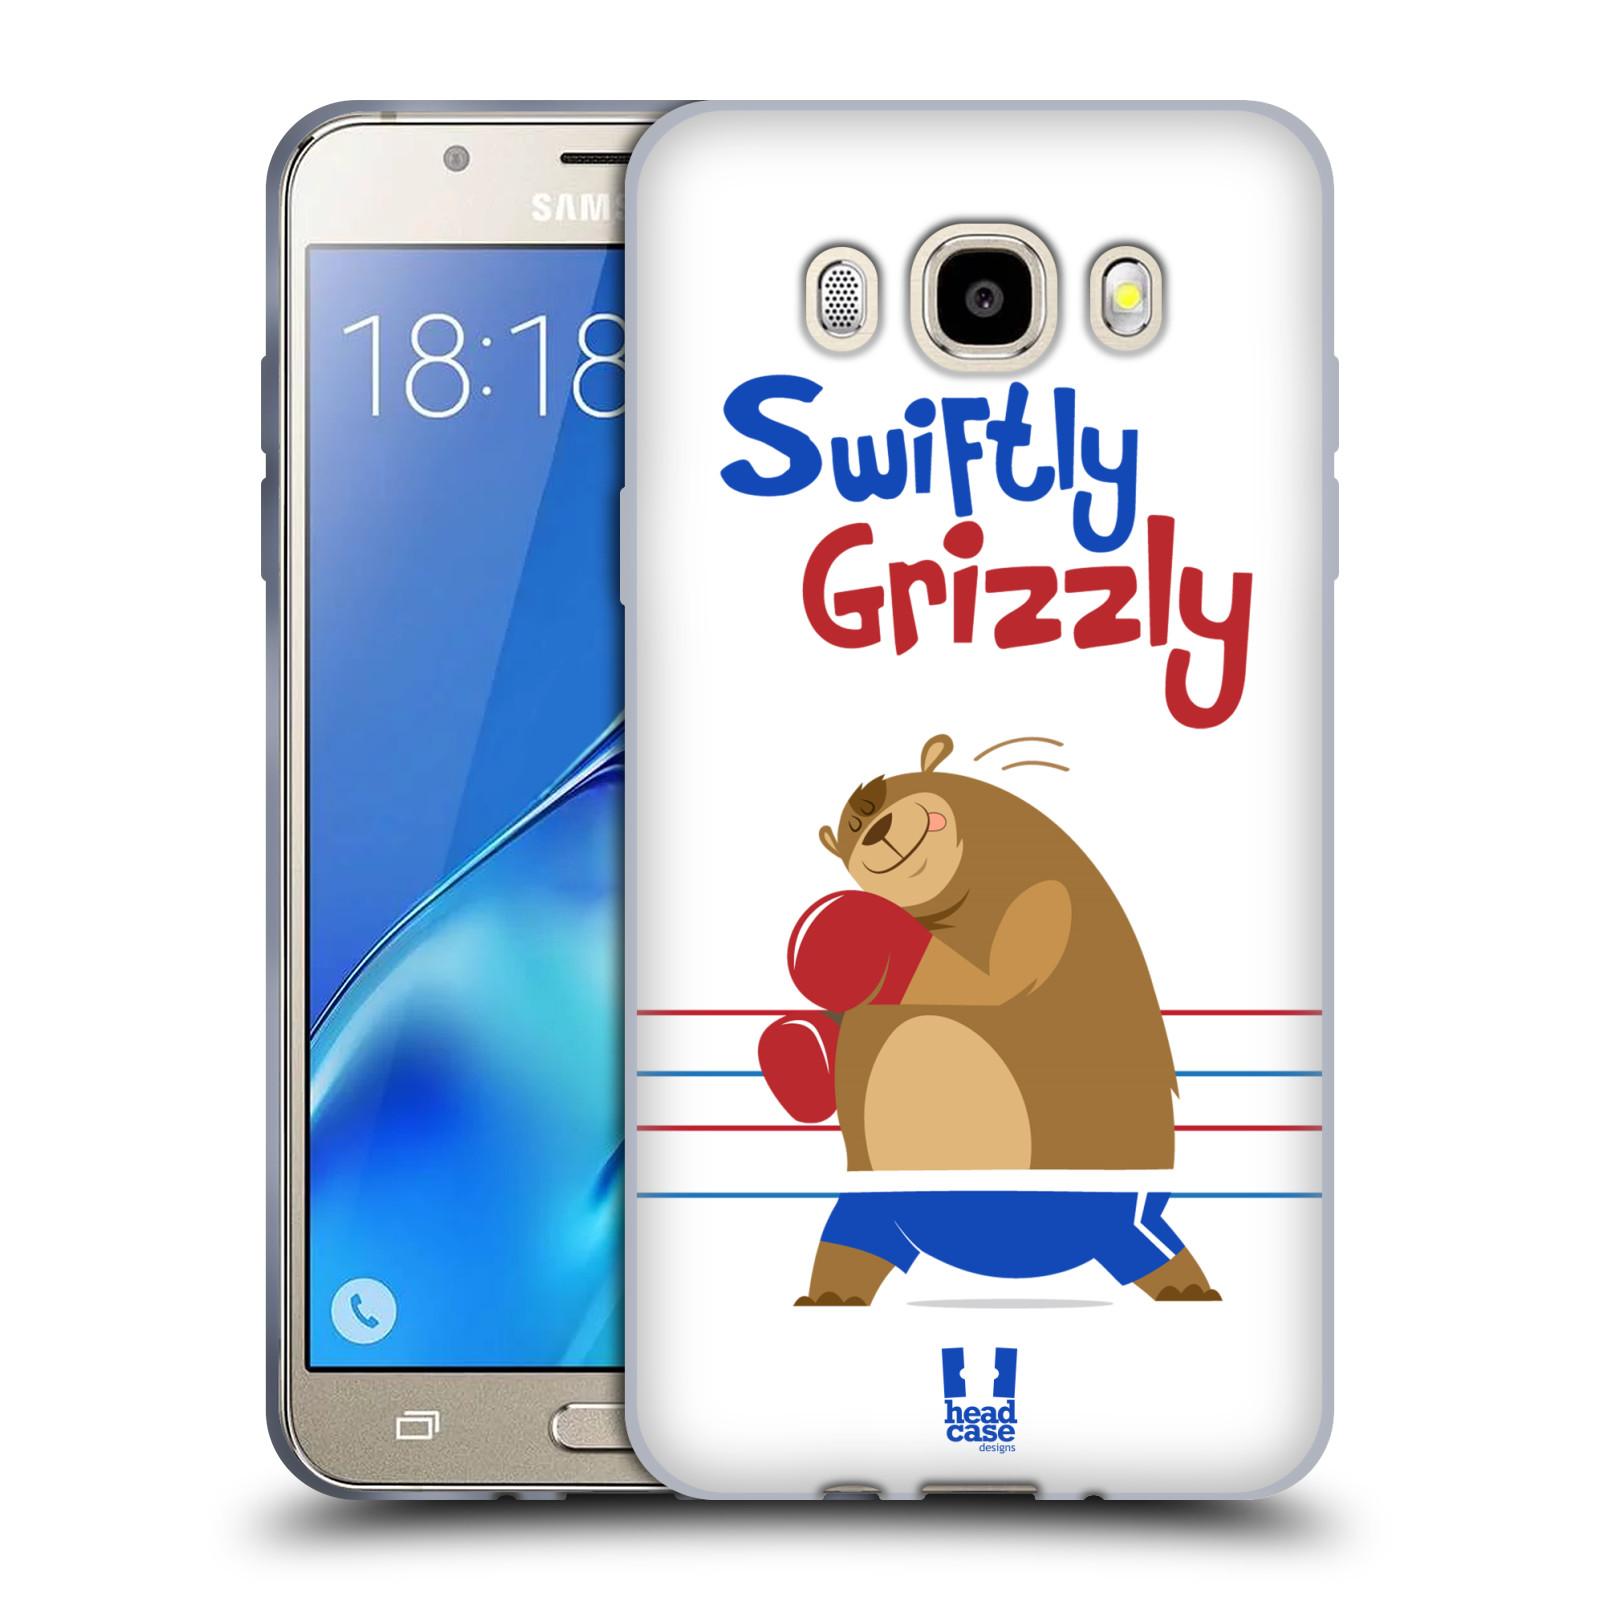 HEAD CASE silikonový obal, kryt na mobil Samsung Galaxy J5 2016, J510, J510F, (J510F DUAL SIM) vzor Zvířátka atleti medvěd boxér